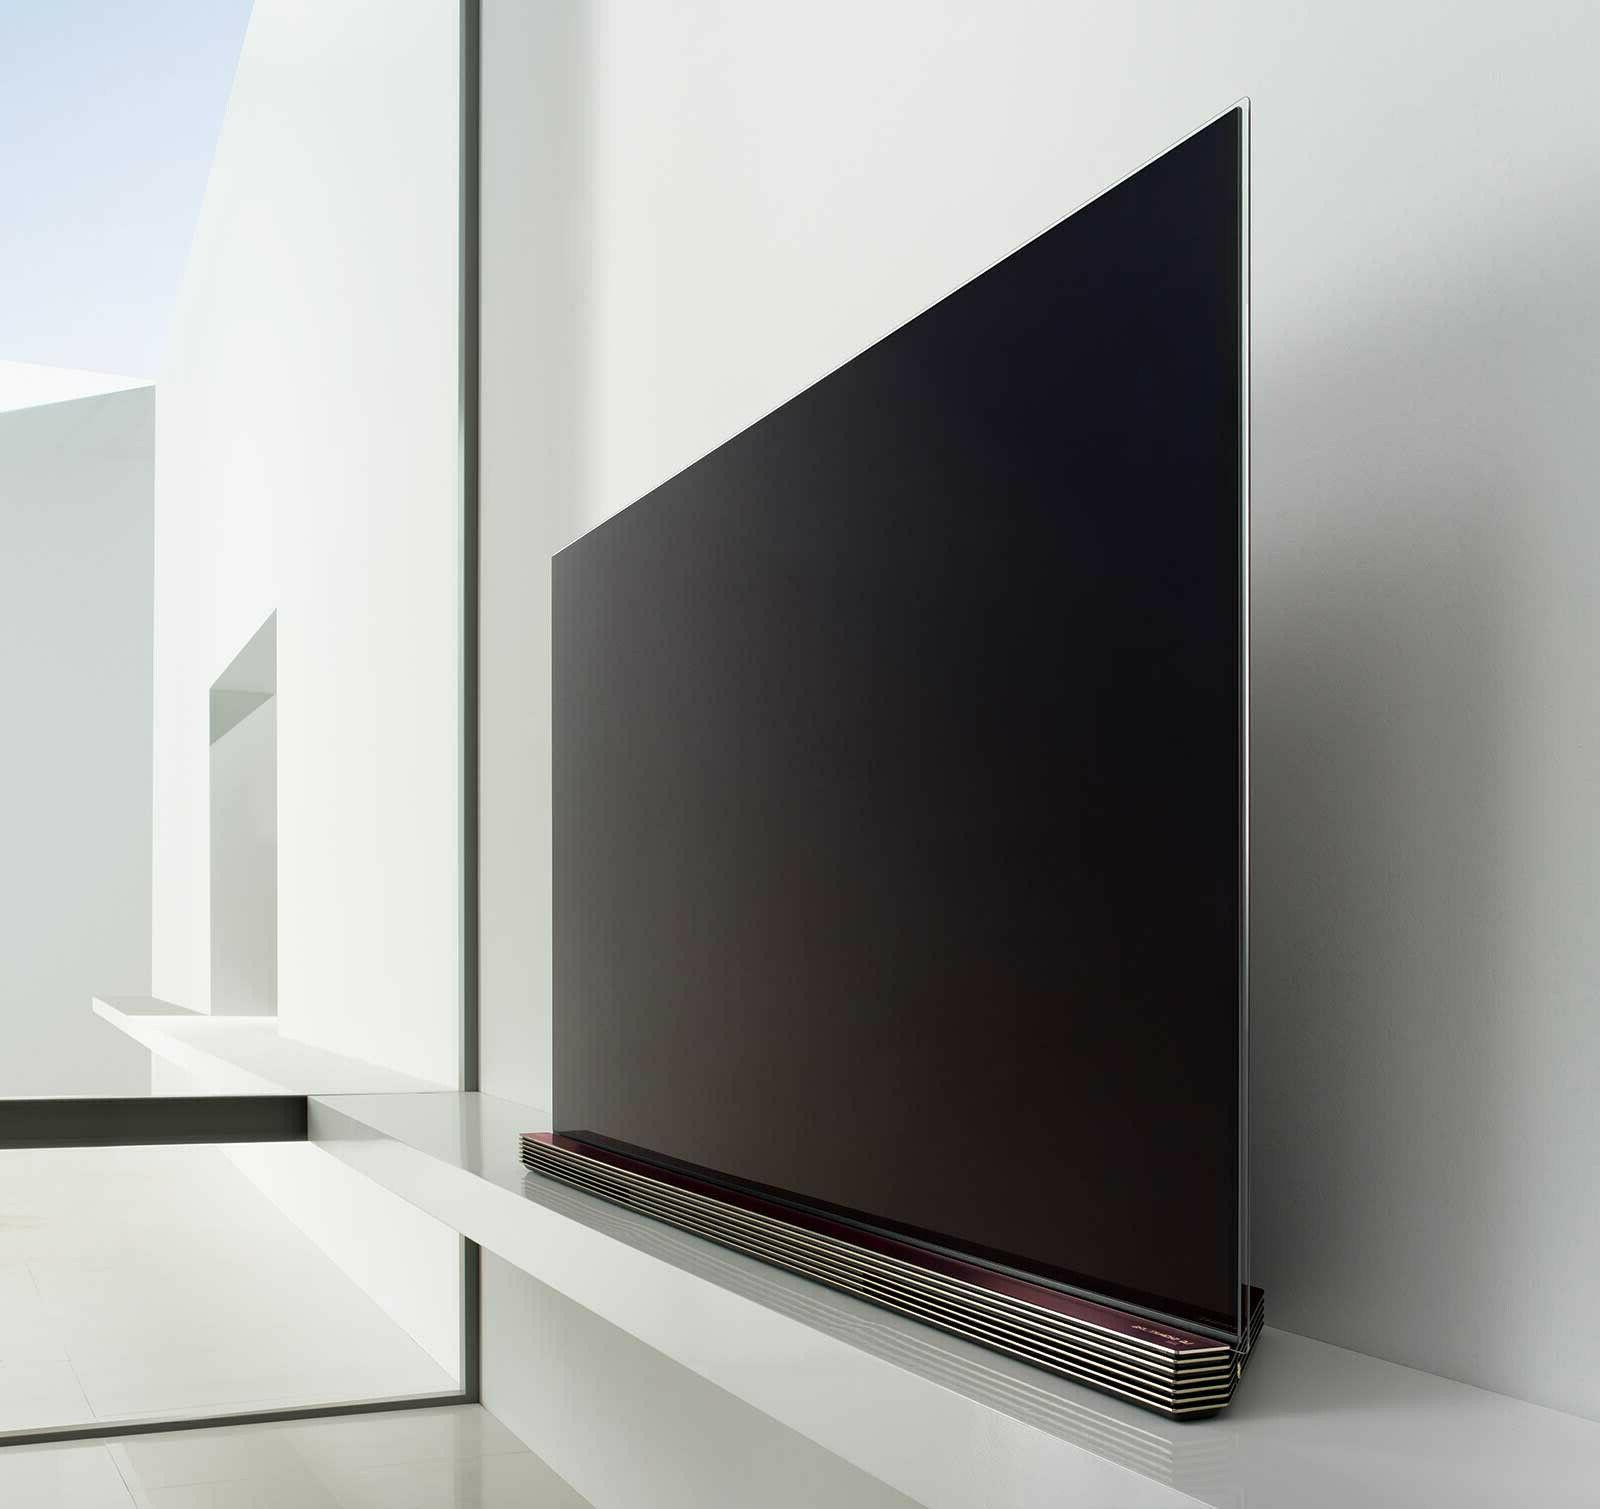 LG OLED65G6P 4K OLED Television